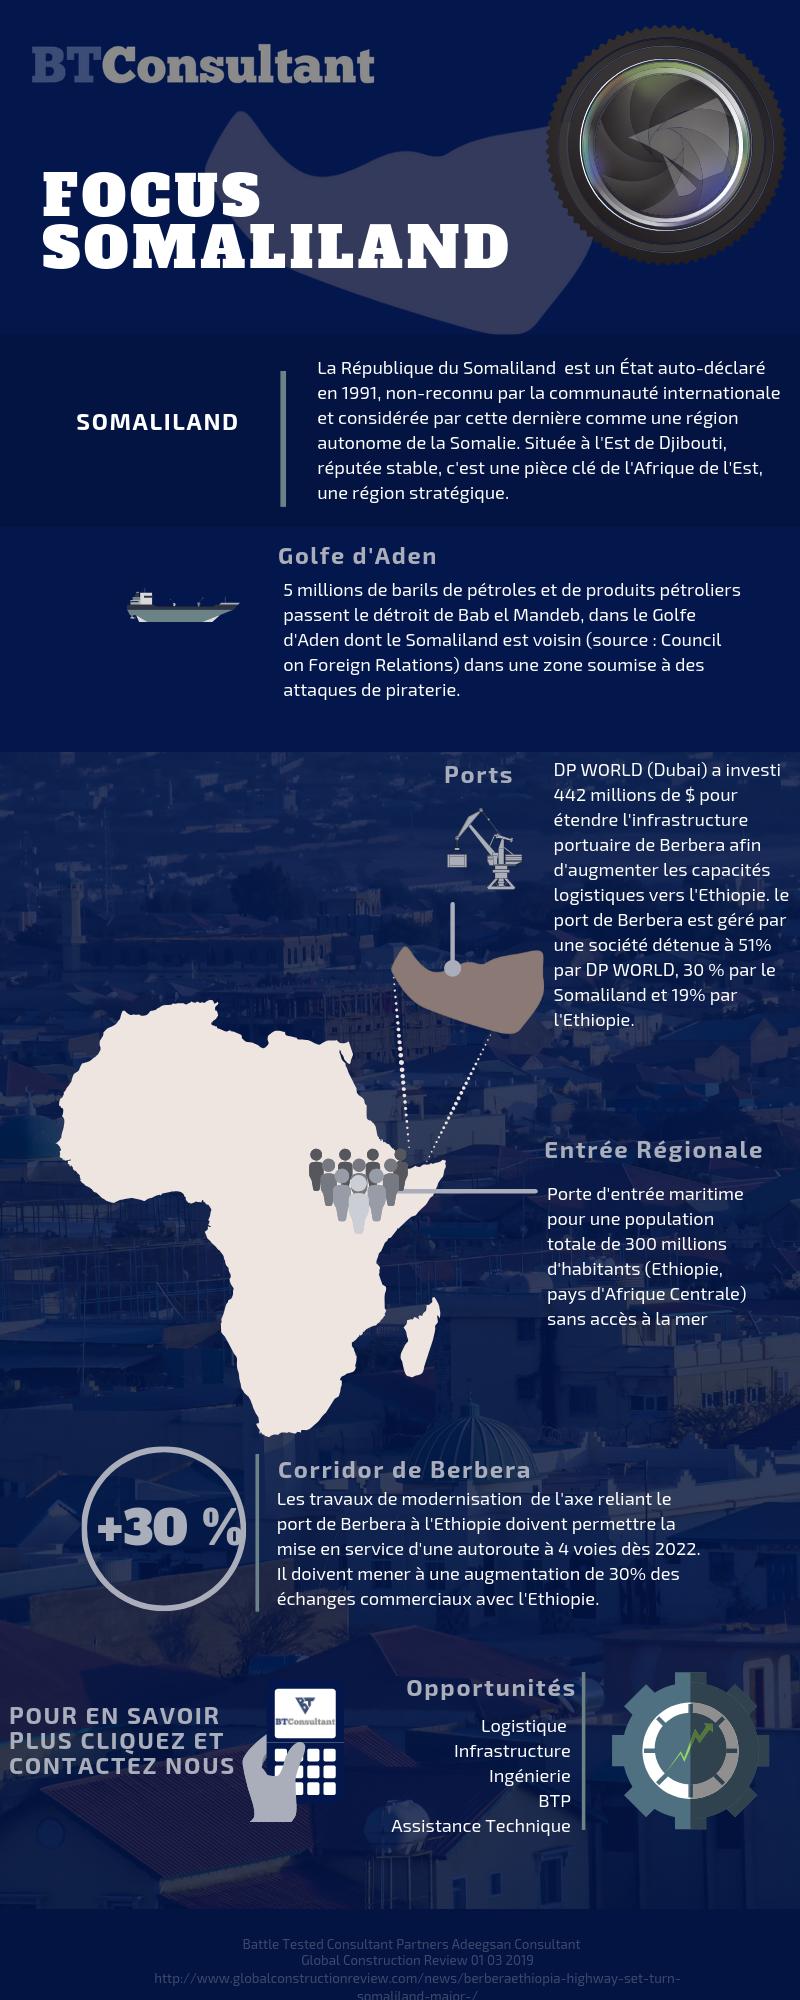 Le Somaliland est la porte d'entrée vers l'Ethiopie et l'Afrique Centrale